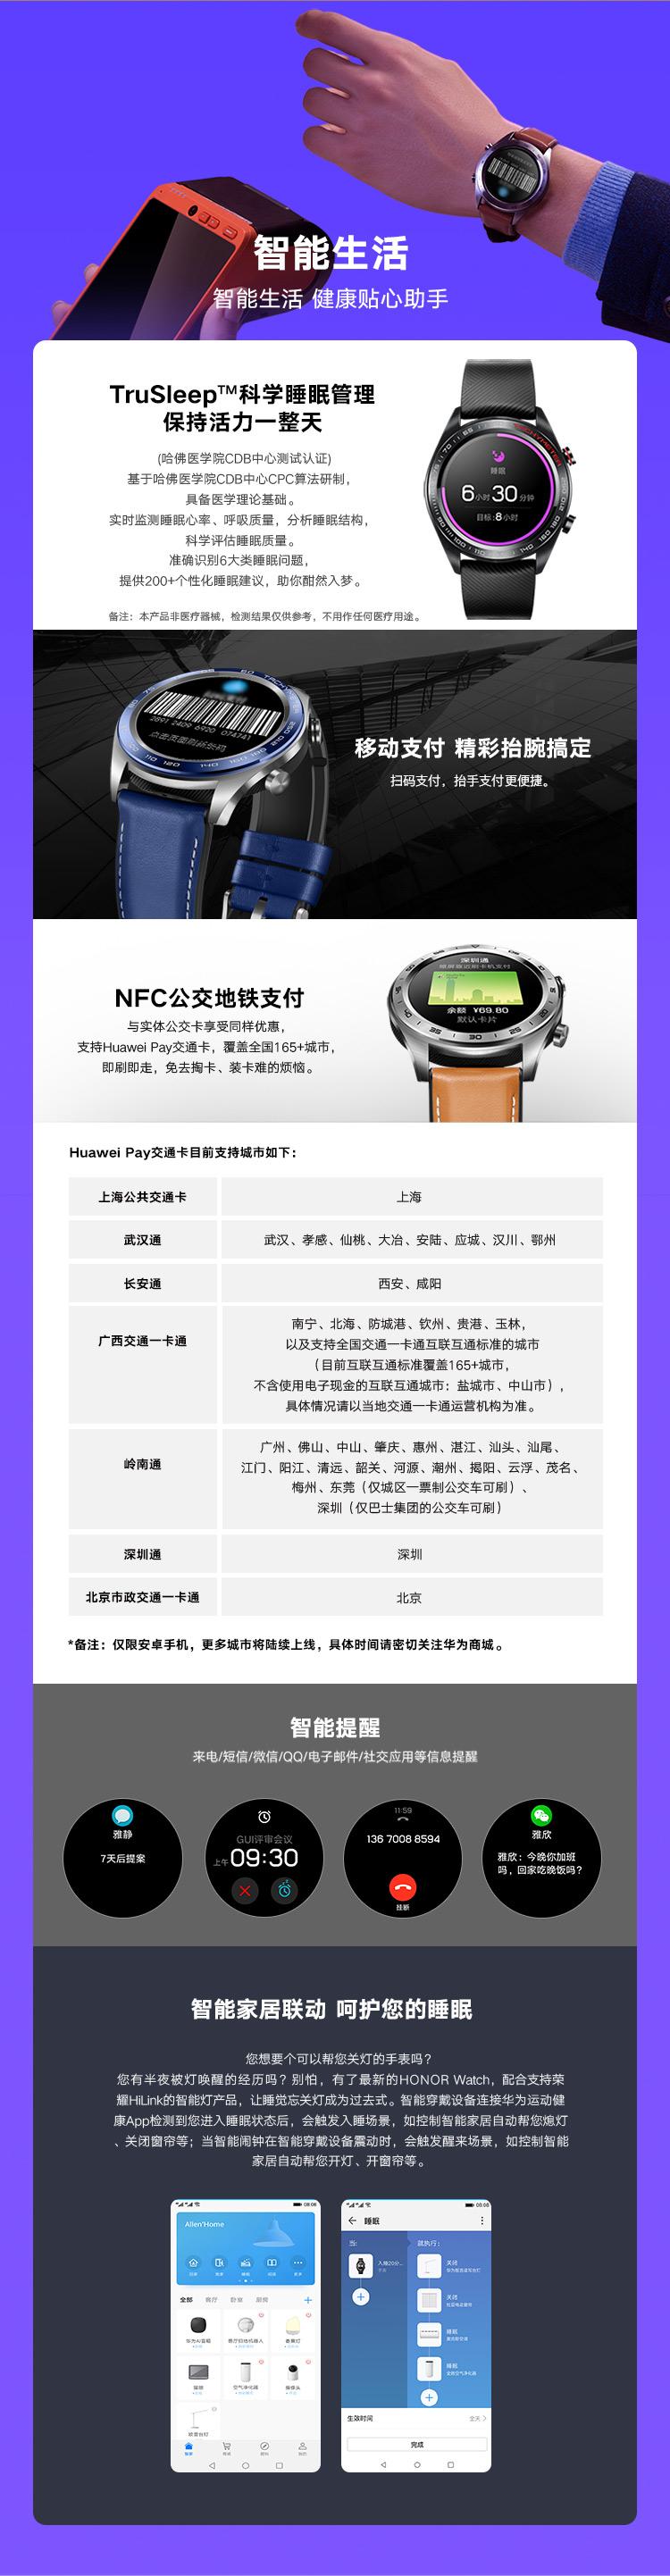 荣耀Talos功能图PC端750_20181101_11.jpg